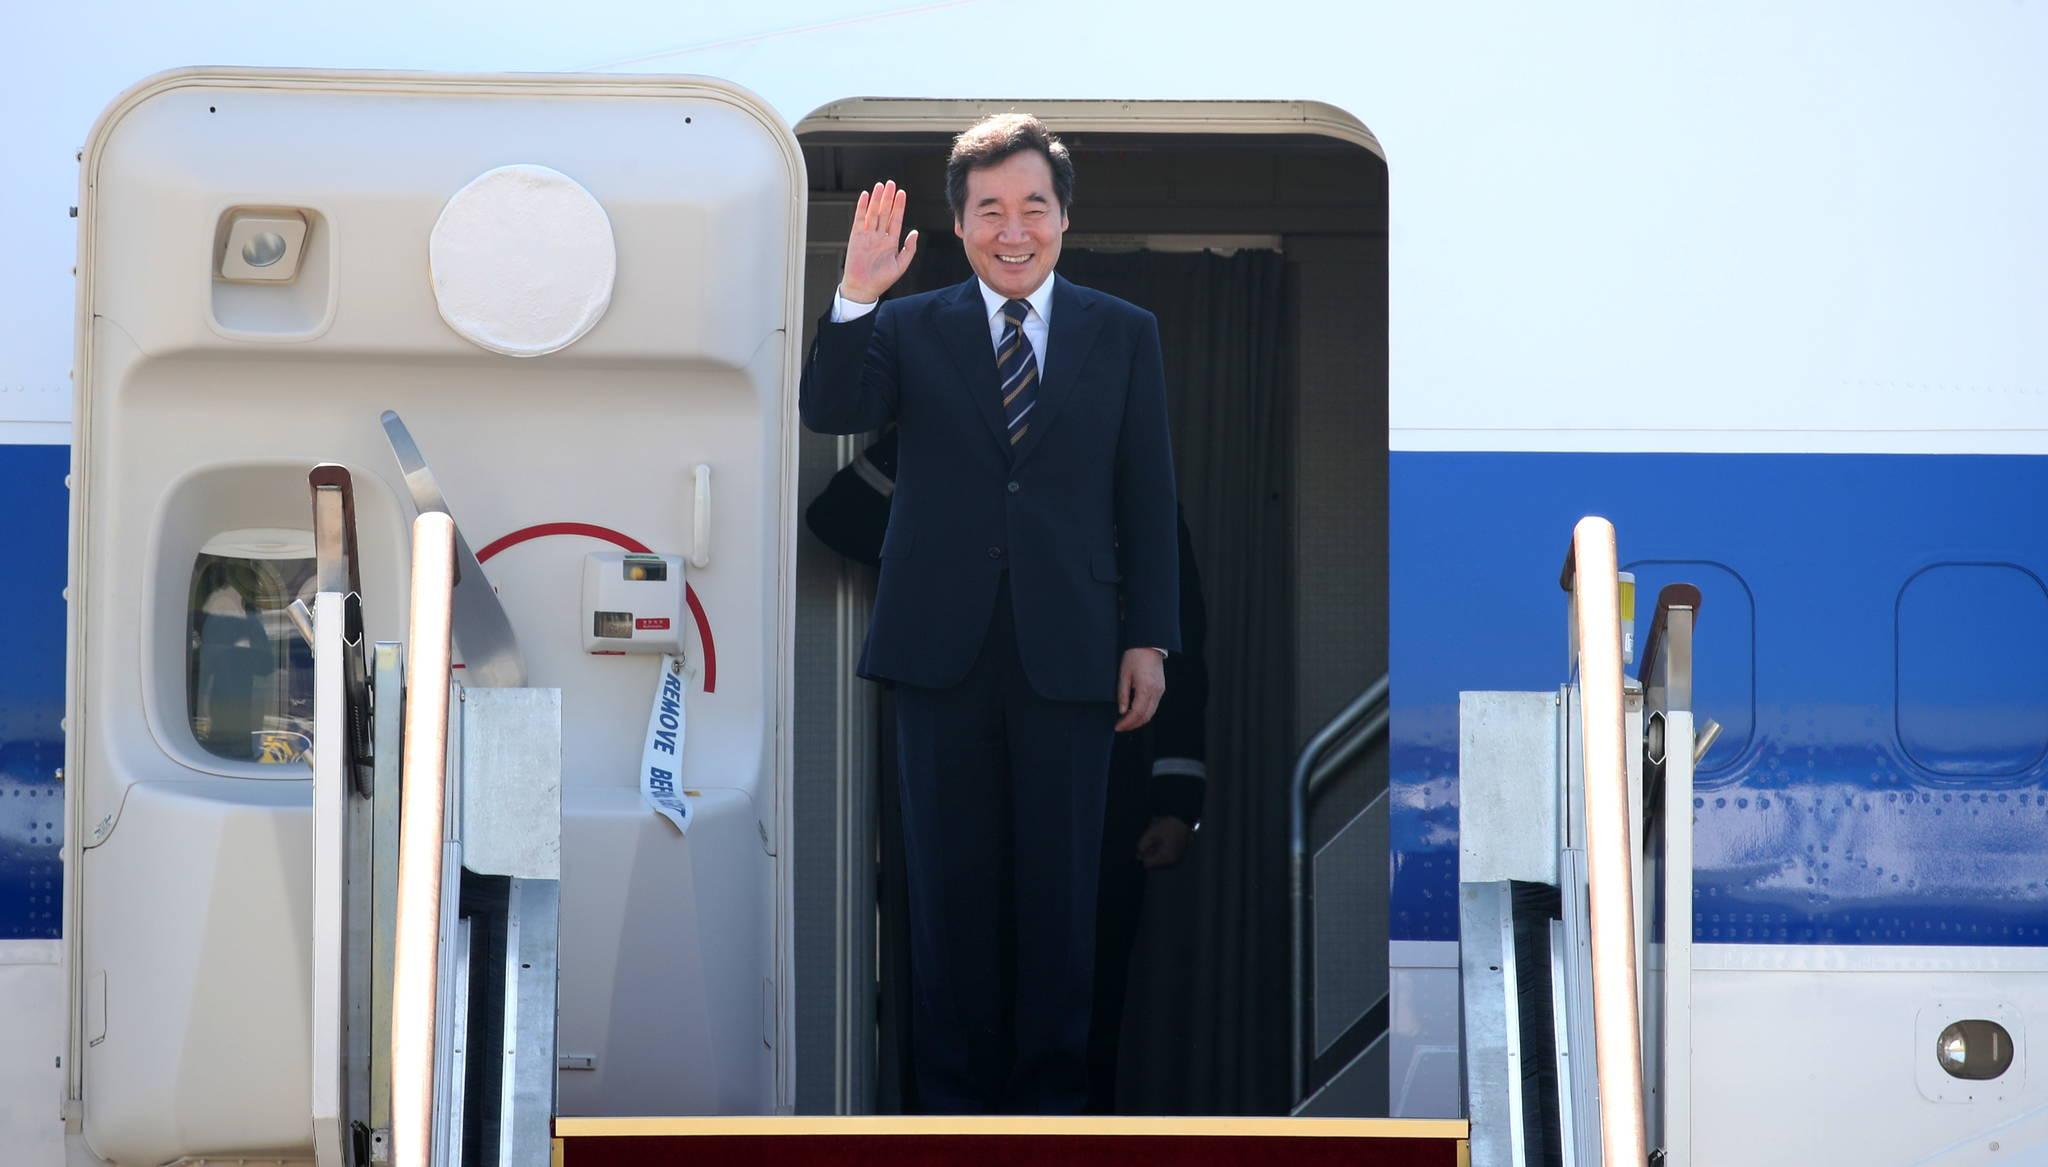 [서소문사진관]이낙연 총리가 탄 대통령 전용기에서 사라진 건?